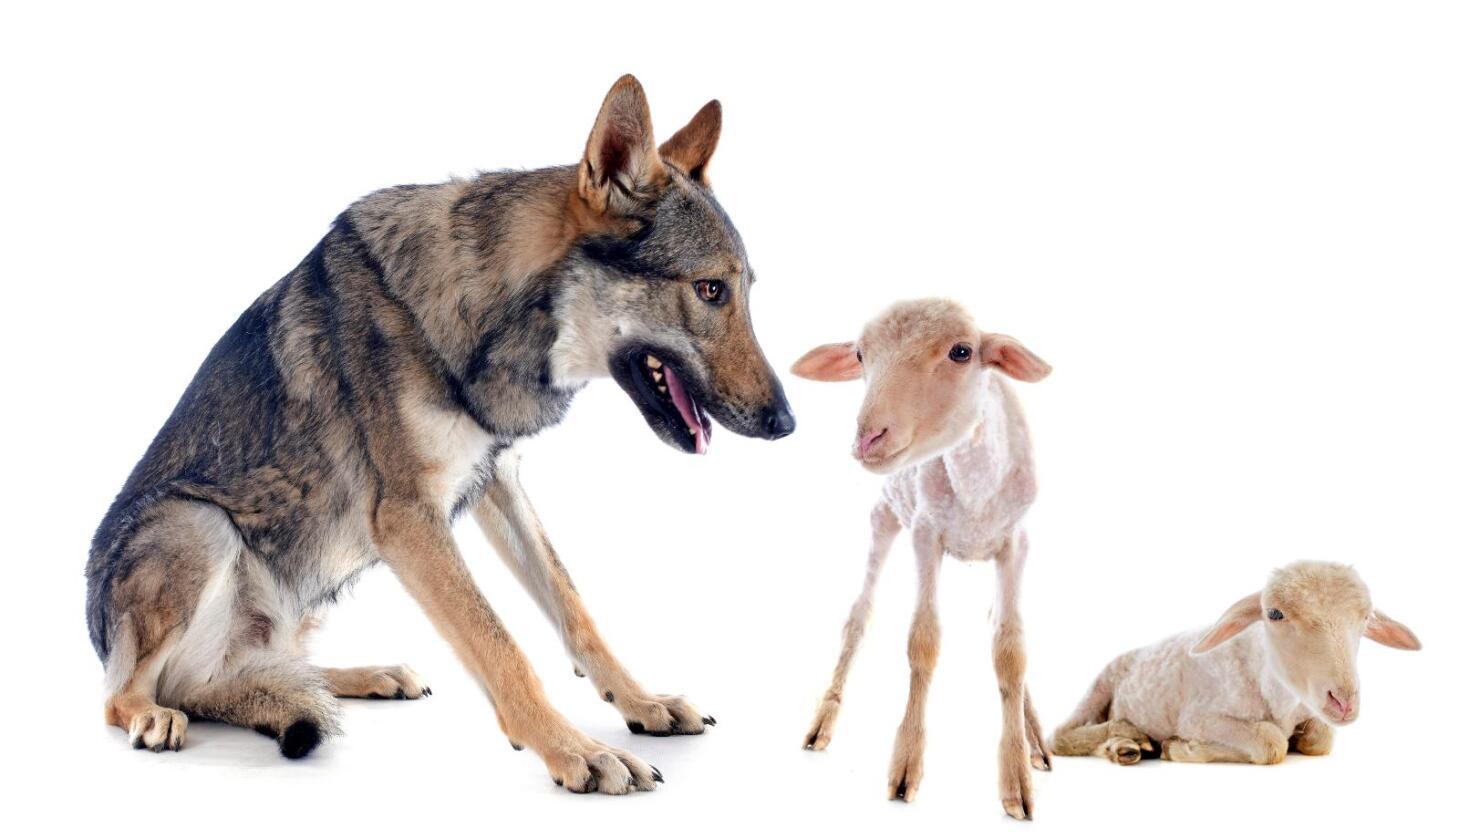 Dersom ulven nærmer seg sau skal den skytes, mener Trygve Slagsvold Vedum (Sp). Illustrasjon: Colourbox